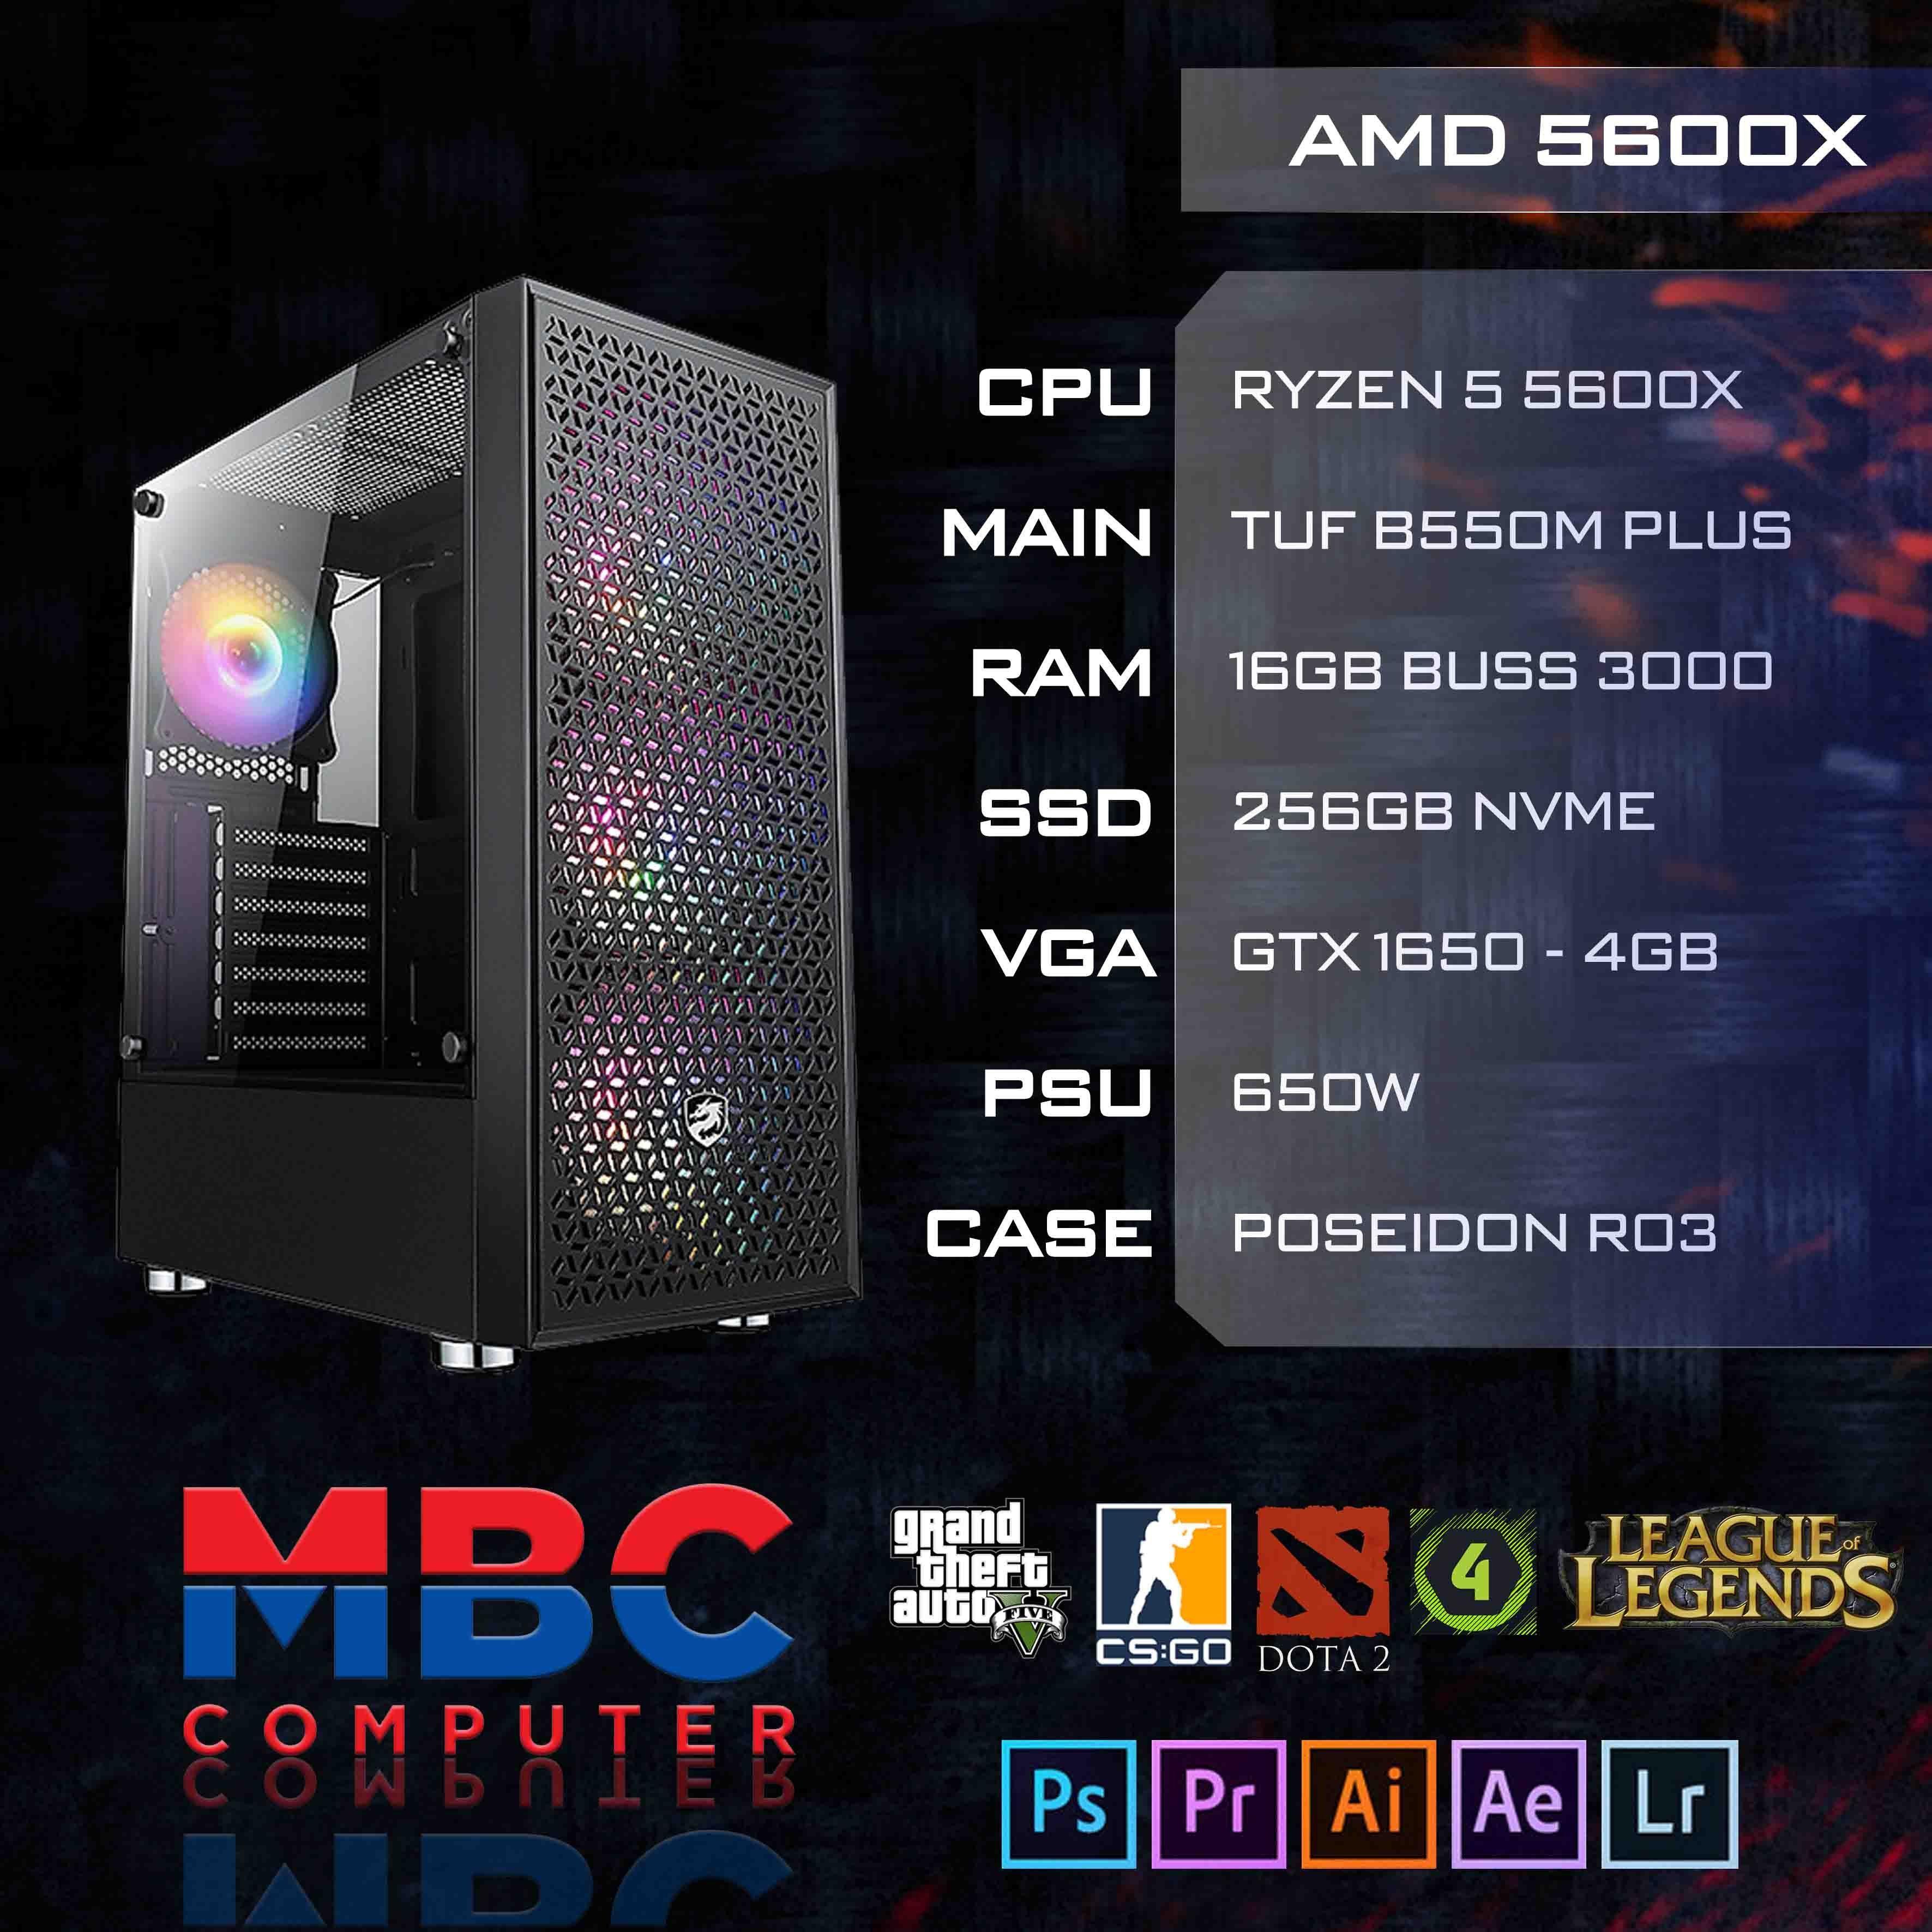 Bộ PC AMD Ryzen 5600X/B550/16GB RAM/SSD 256GB NVME